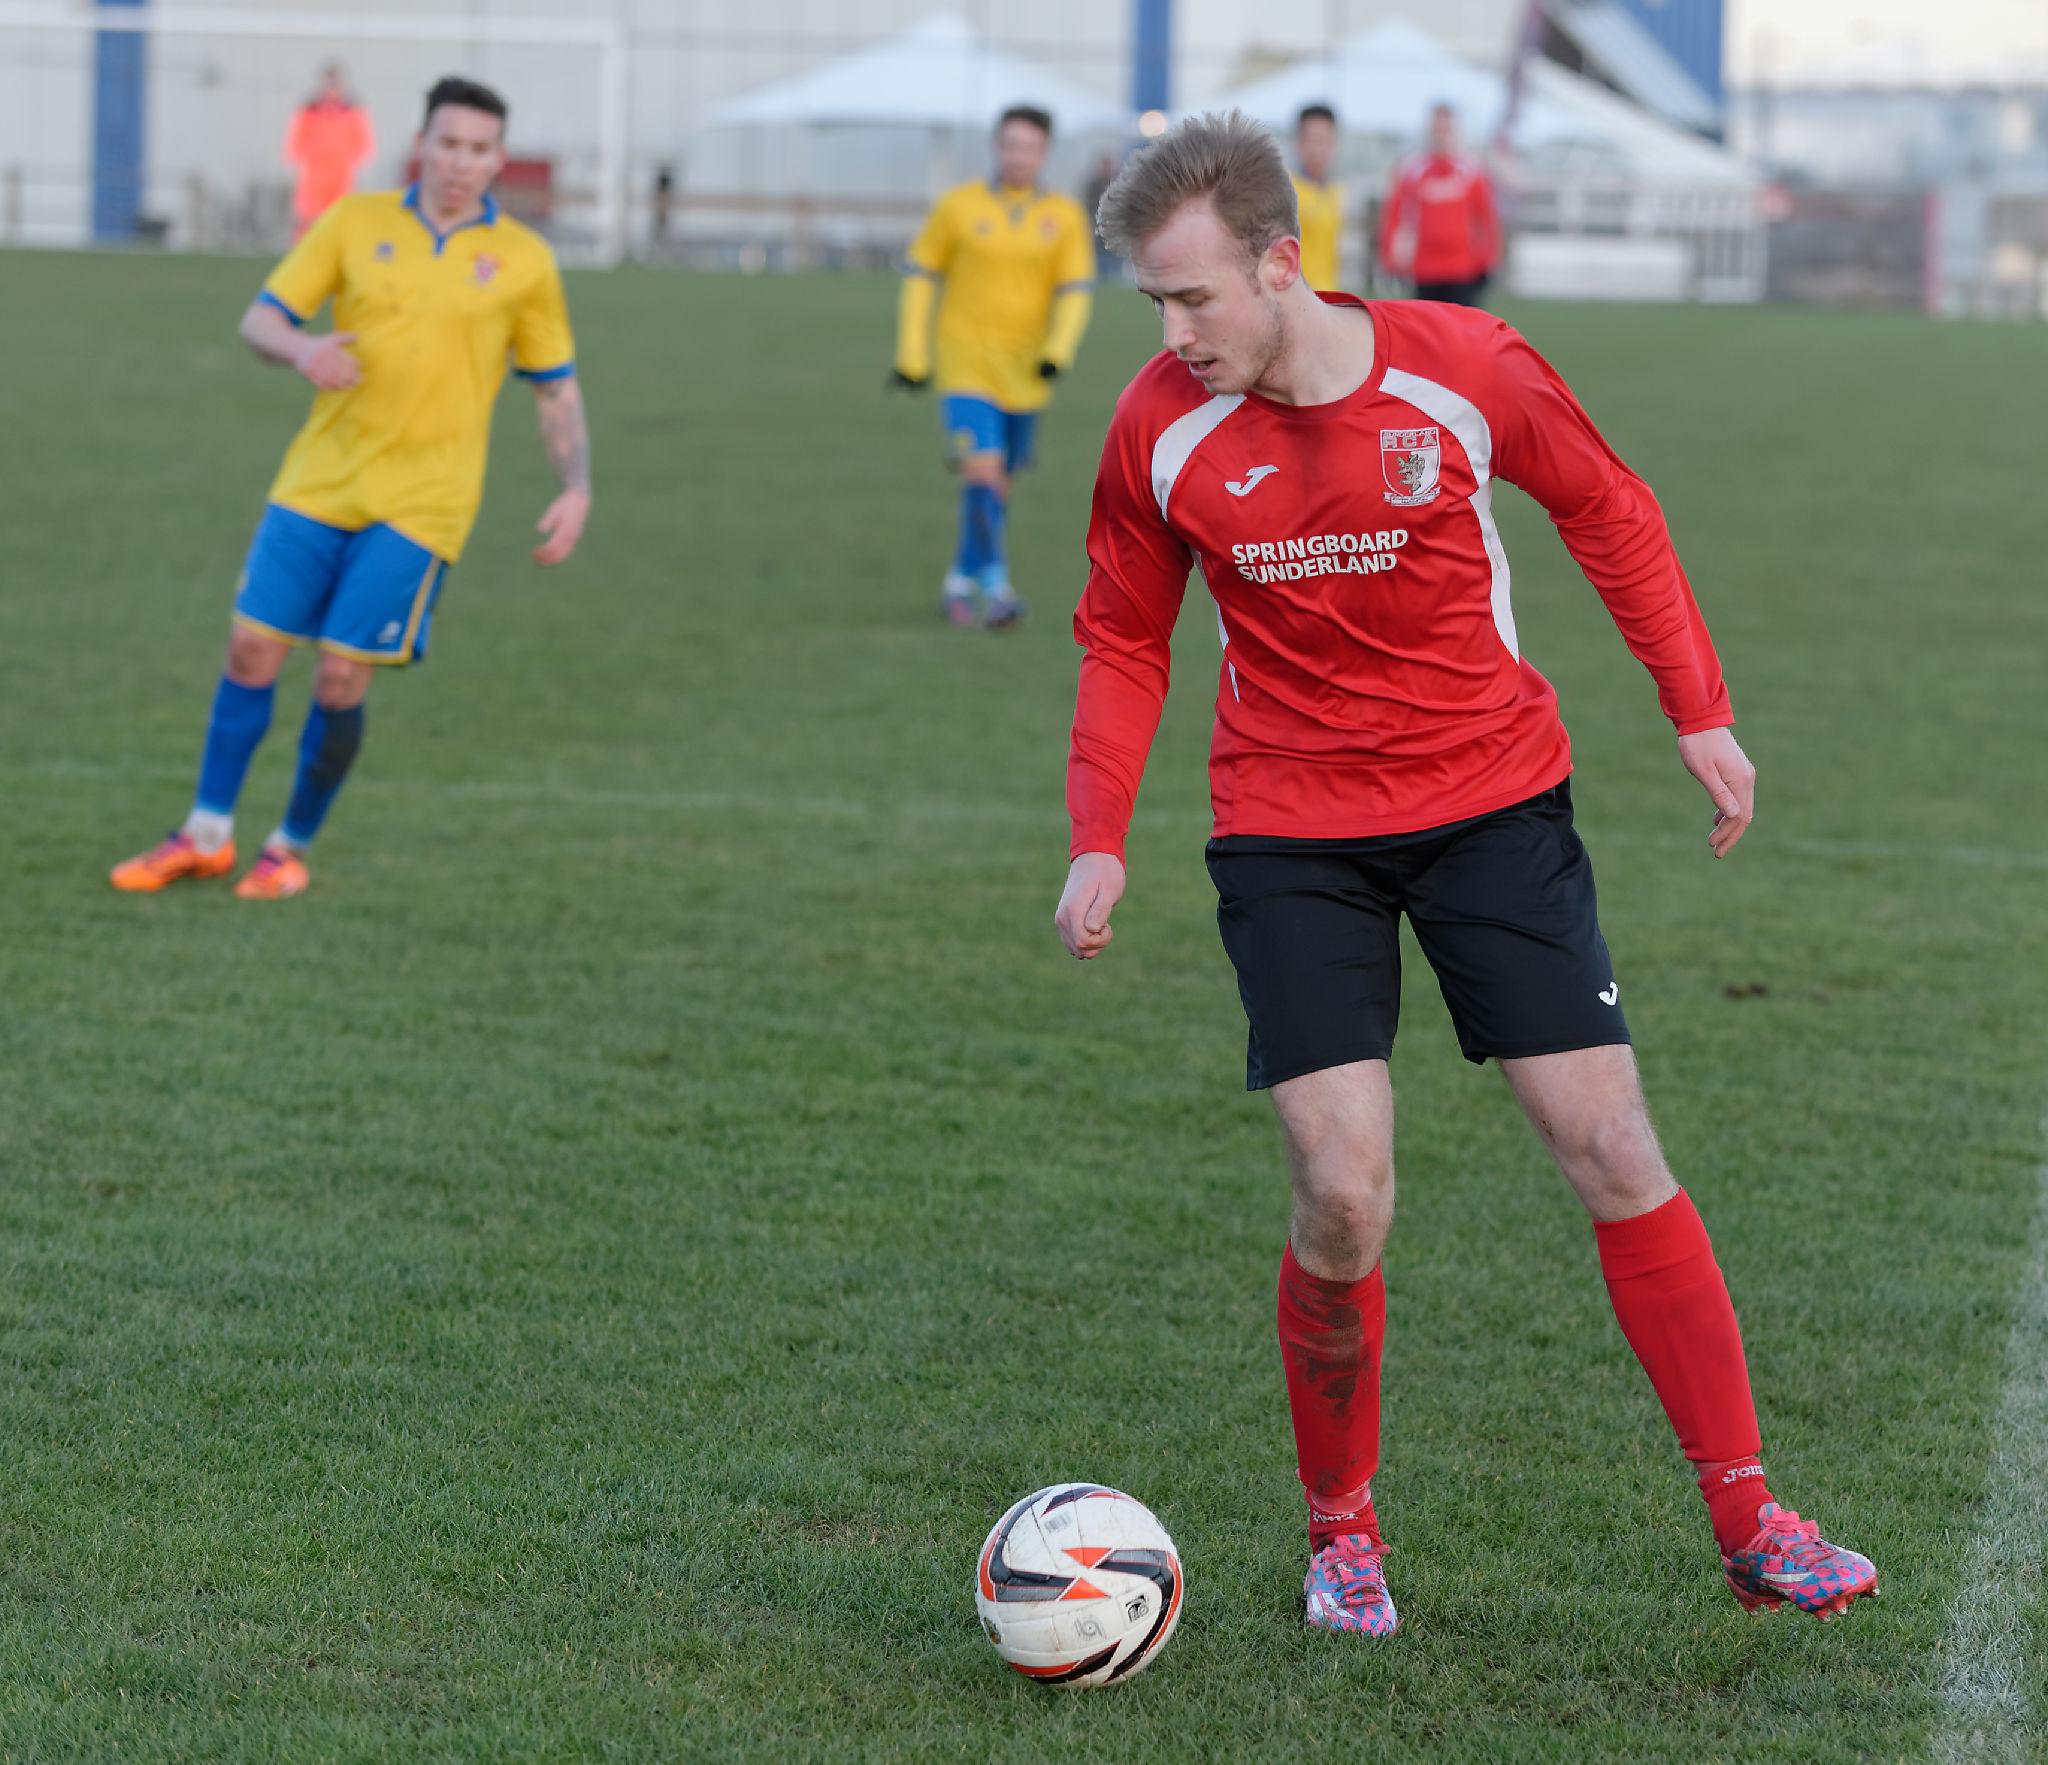 Sunderland Rca Fc 1 Durham City Fc 5 Sunderland Rca Fc